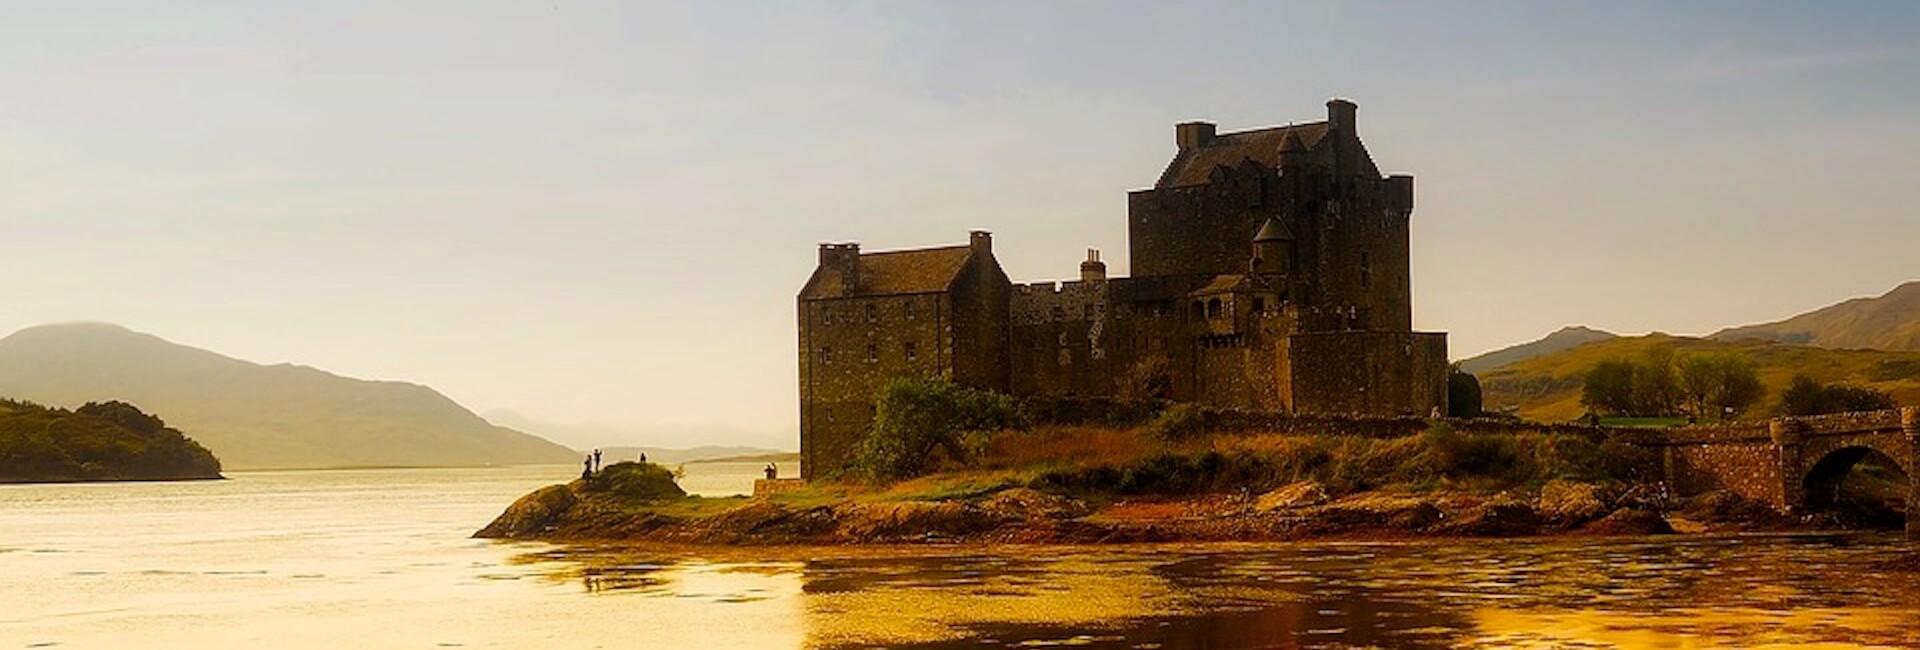 scotland self-drive